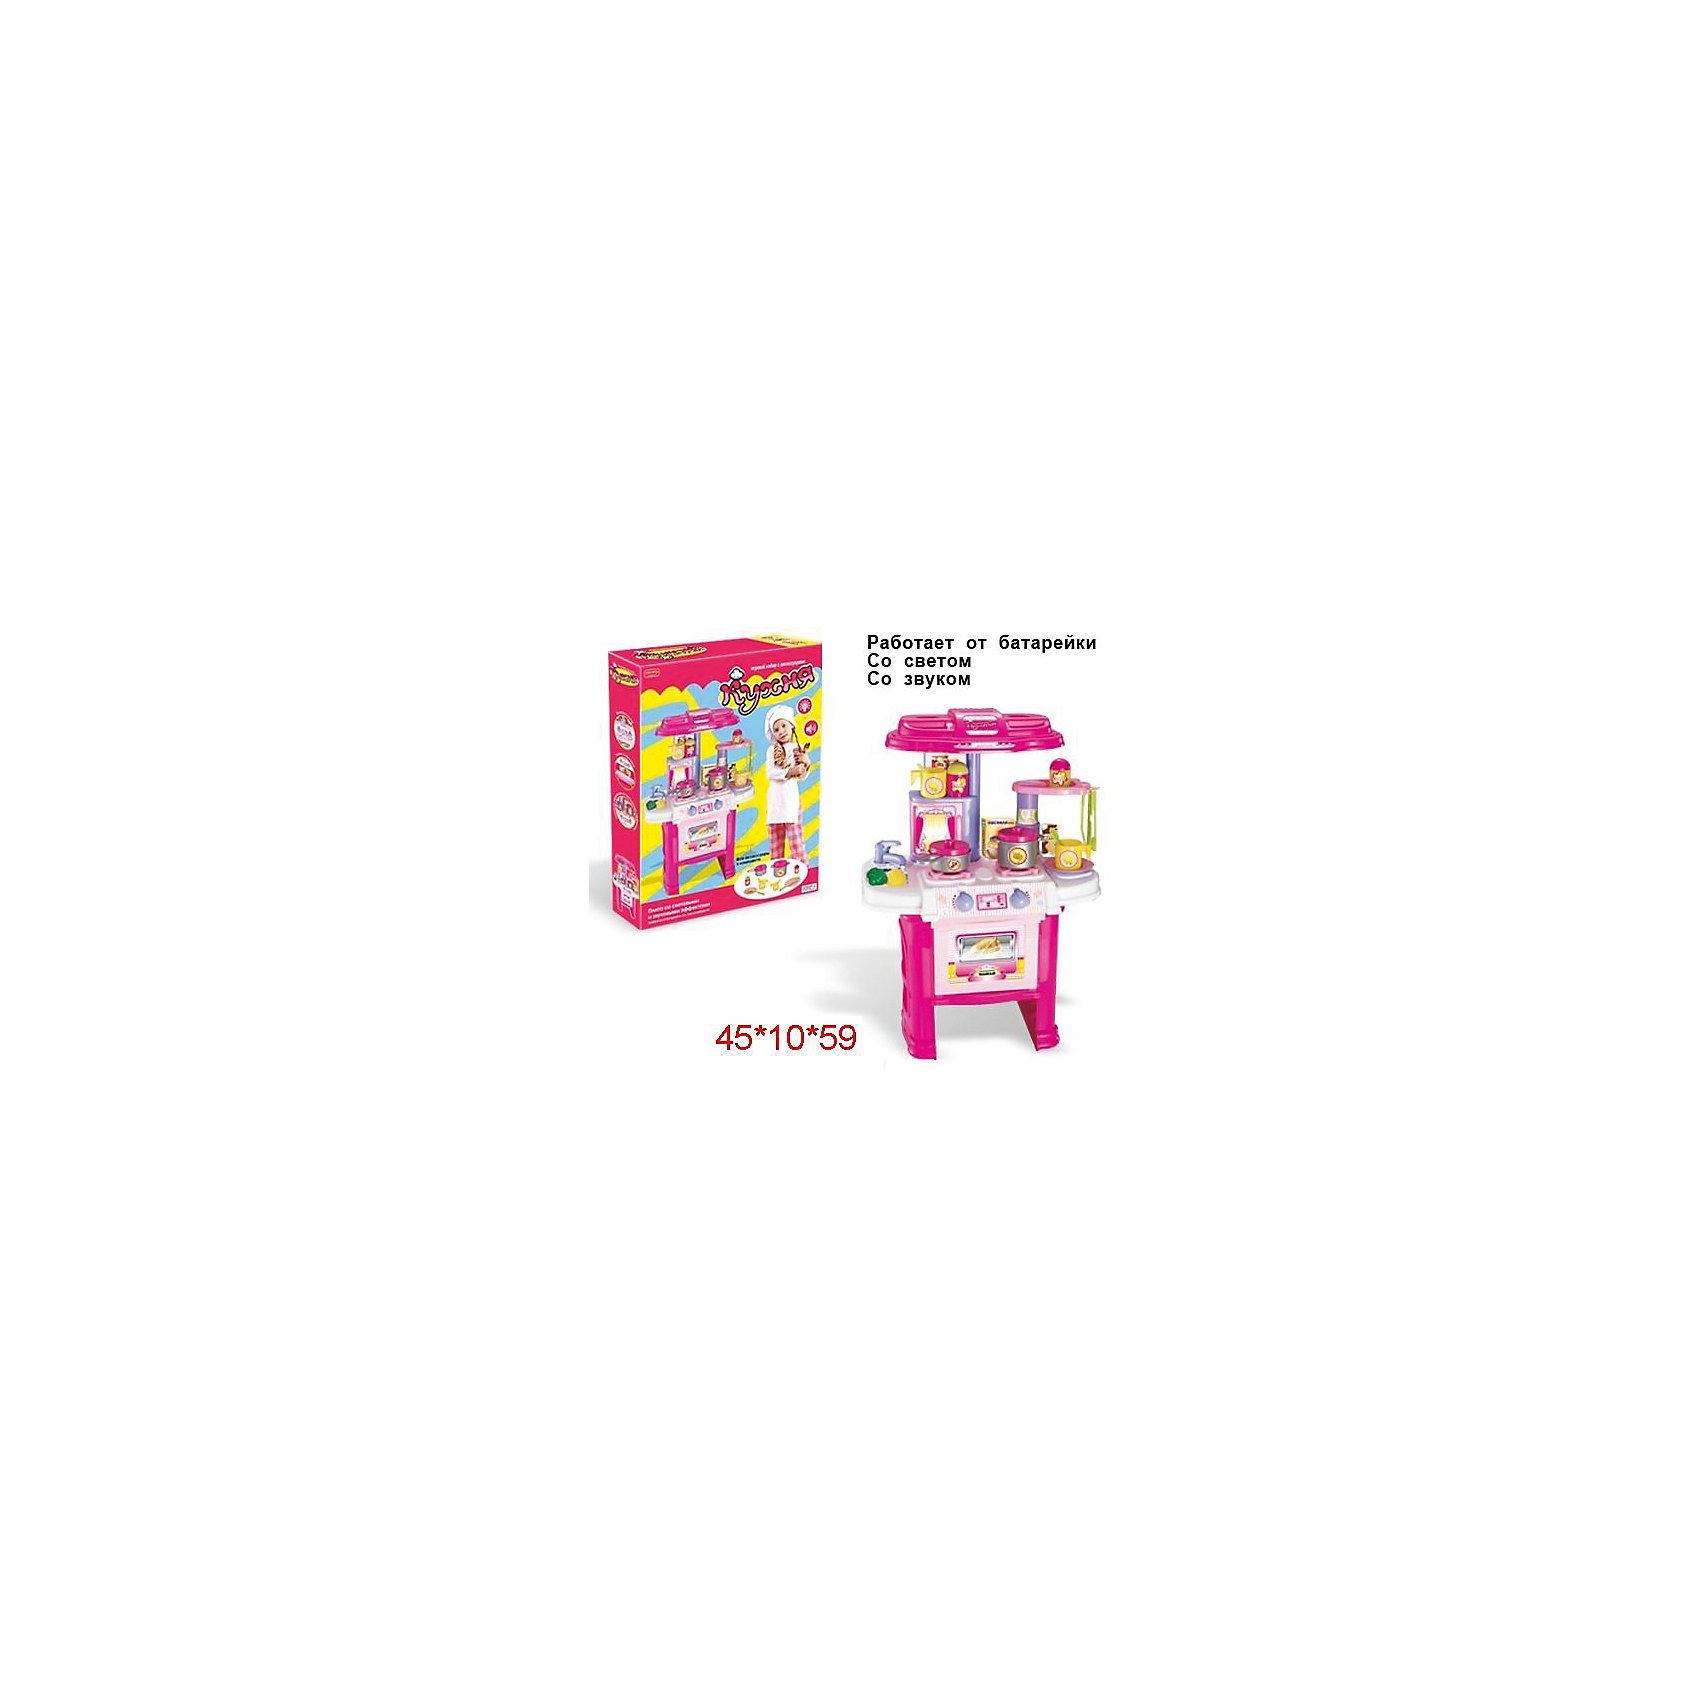 Кухня Shantou Gepai с посудой, со светом и звукомДетские кухни<br>Характеристики:<br><br>• в комплекте: кухня, аксессуары;<br>• световые и звуковые эффекты;<br>• тип батареек: 2 шт. АА<br>• наличие батареек: не входят в комплект<br>• возраст: от 3-х лет;<br>• материал: пластик;<br>• размер упаковки: 58х10х45 см;<br>• вес: 1,95 кг;<br>• страна: Китай.<br><br>Игровая кухня - прекрасный способ научить ребенка помогать маме. В игровой форме девочка научится готовить различные блюда и пользоваться плитой.<br><br>Световые и звуковые эффекты, изображающие приготовление блюд, придадут игре еще больше реалистичности.<br><br>В комплект входит кухня, а также посуда и другие необходимые аксессуары. Для работы необходимы батарейки (не входят в комплект).<br><br>Кухню с посудой, со светом и звуком, Shantou Gepai (Шанту Гепай) можно купить в нашем интернет-магазине.<br><br>Ширина мм: 450<br>Глубина мм: 100<br>Высота мм: 580<br>Вес г: 1950<br>Возраст от месяцев: 36<br>Возраст до месяцев: 2147483647<br>Пол: Женский<br>Возраст: Детский<br>SKU: 6846881